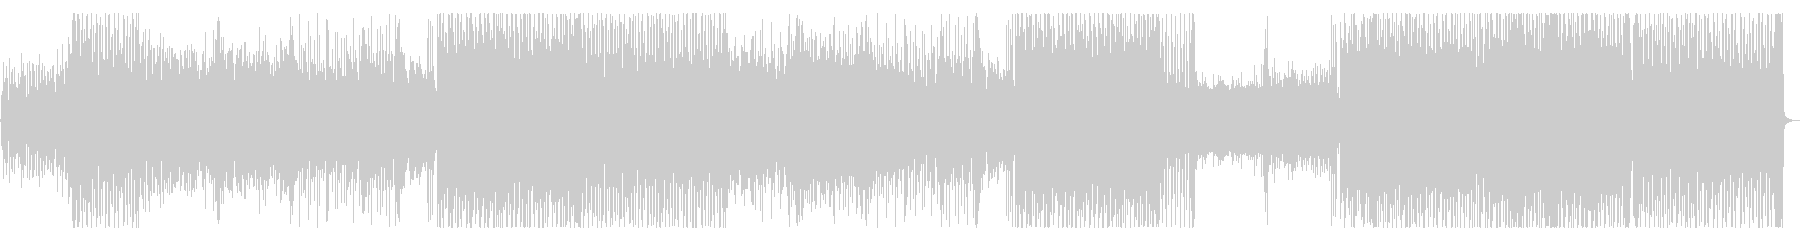 ピコピコ音が可愛いポップスの未再生の波形